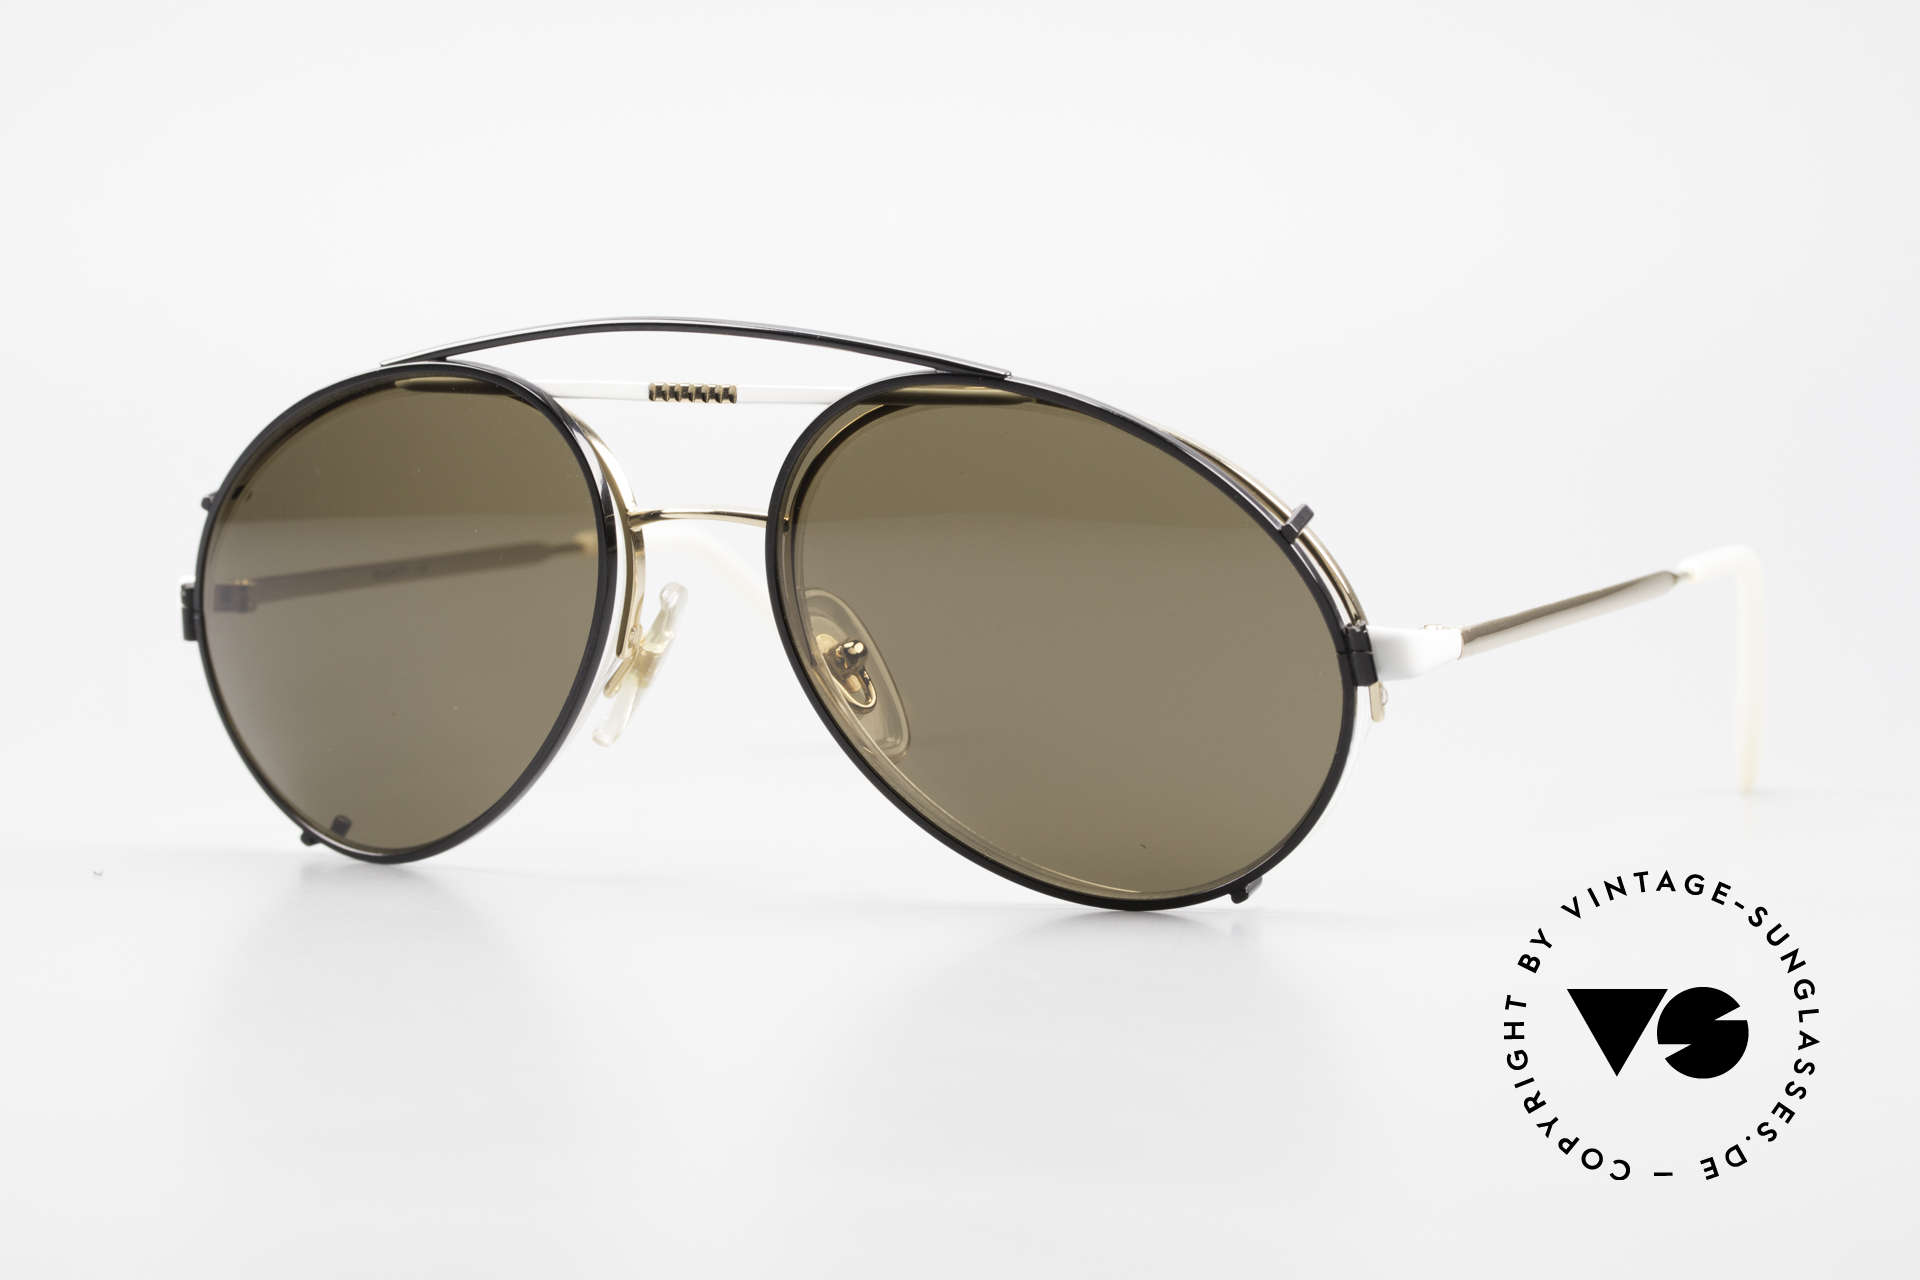 Bugatti 65787 Halb Randlose Brille Mit Clip, sehr elegante vintage Sonnenbrille von Bugatti, Passend für Herren